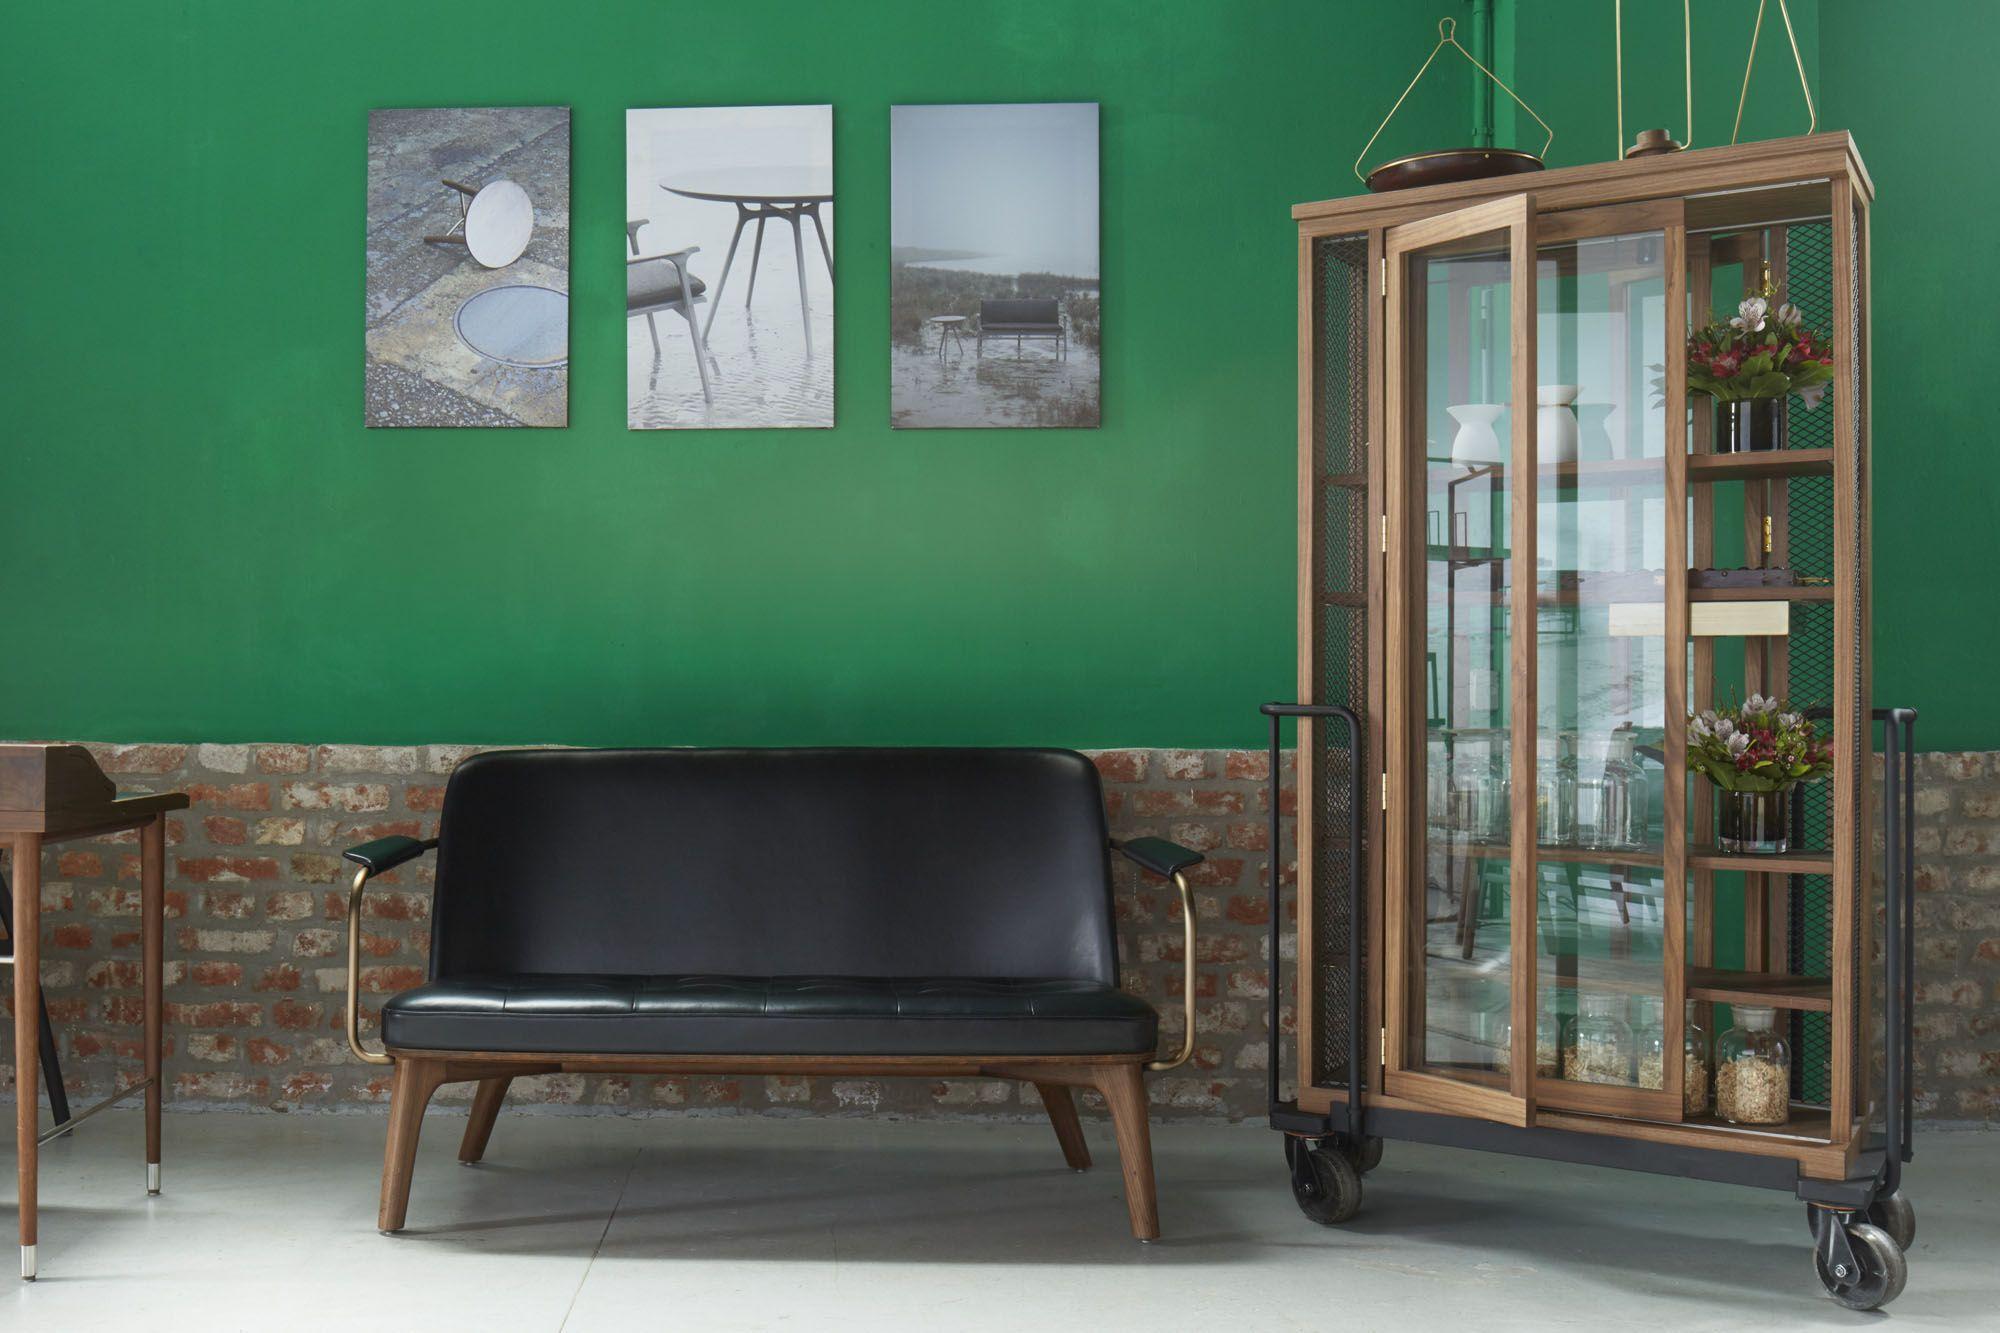 Ming chair | Stellar works, Chair, Scandinavian design